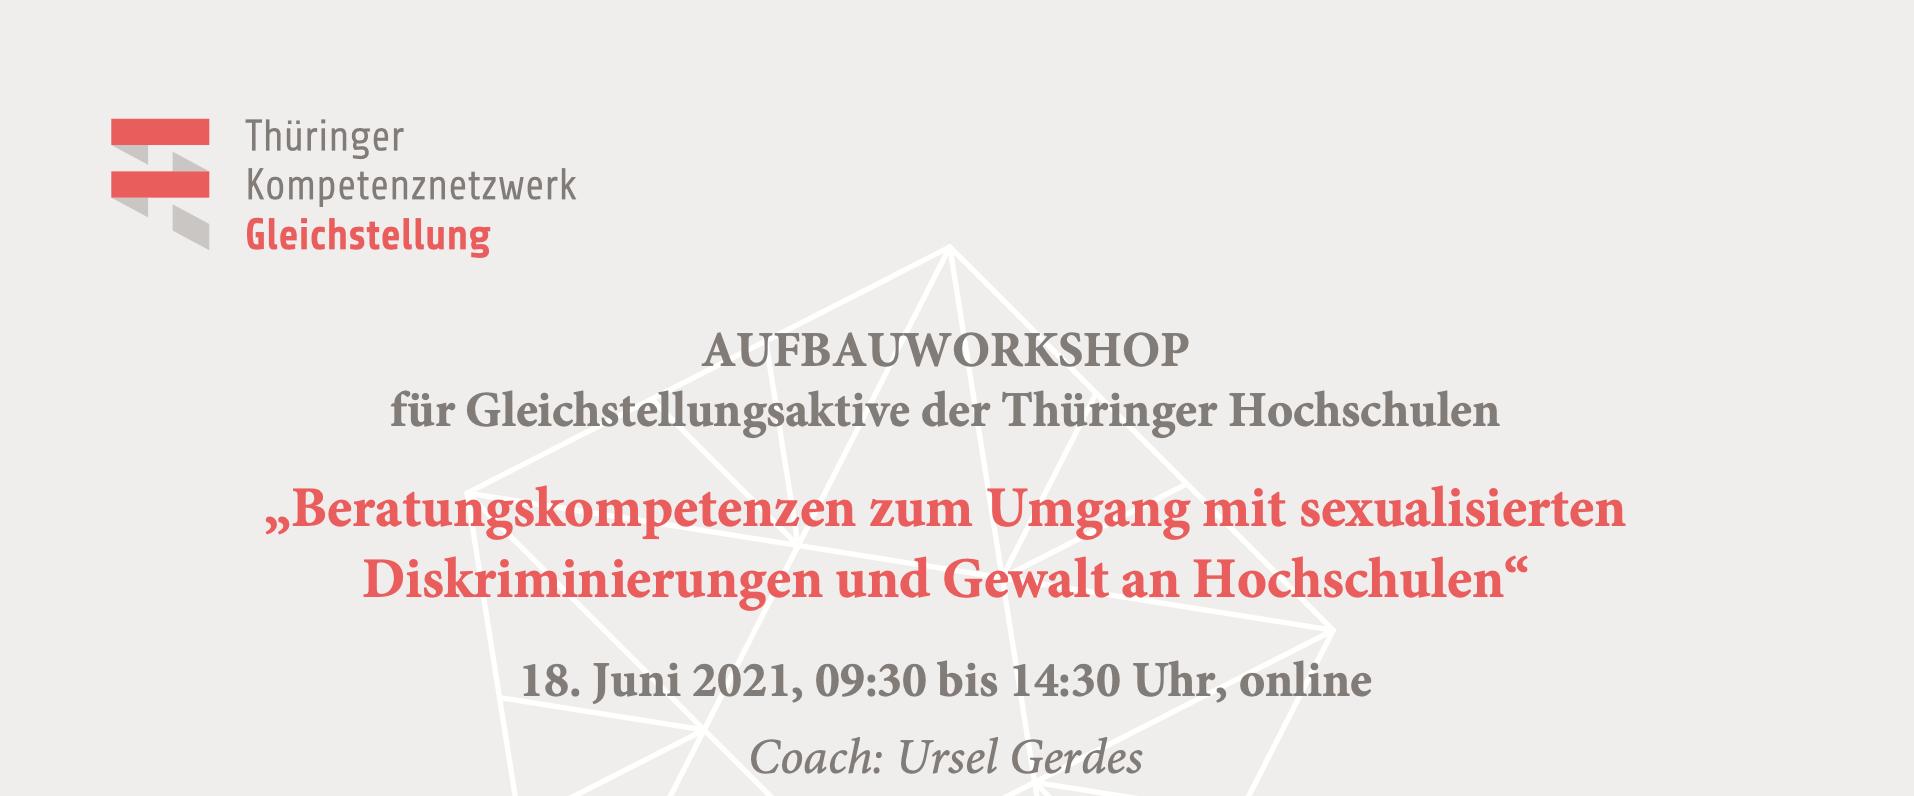 Workshop: Beratungskompetenzen zum Umgang mit sexualisierten Diskriminierungen und Gewalt an Hochschulen (Aufbauworkshop)